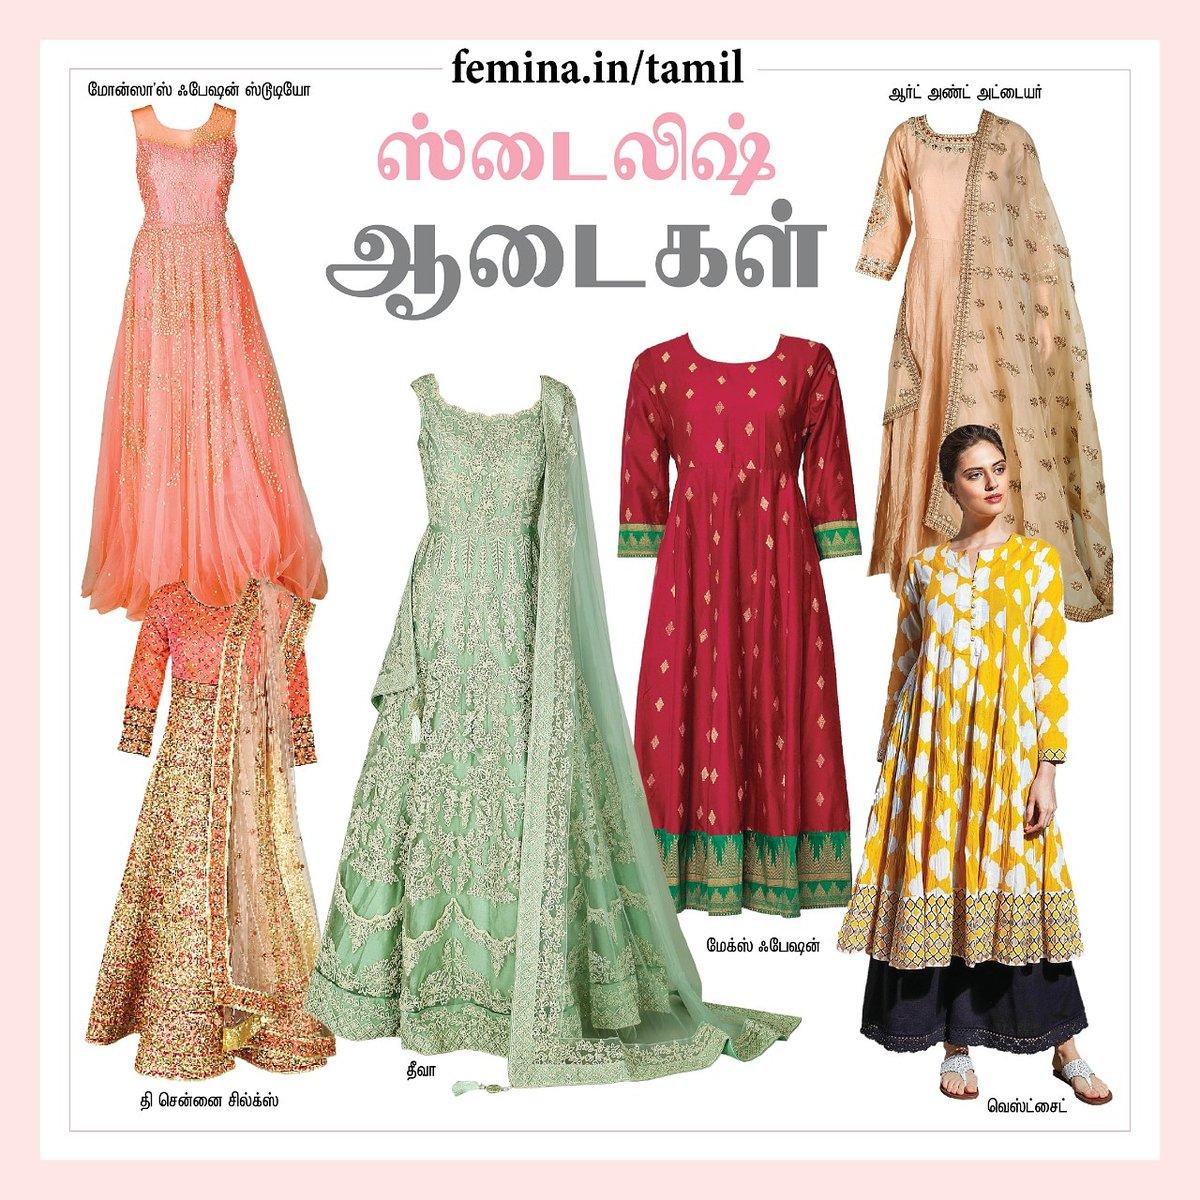 ஃபெமினா தமிழின் சல்வார் #recommendation  #fashion #femina #feminatamil #salwarsuits #style https://t.co/fMvPlnOVGH